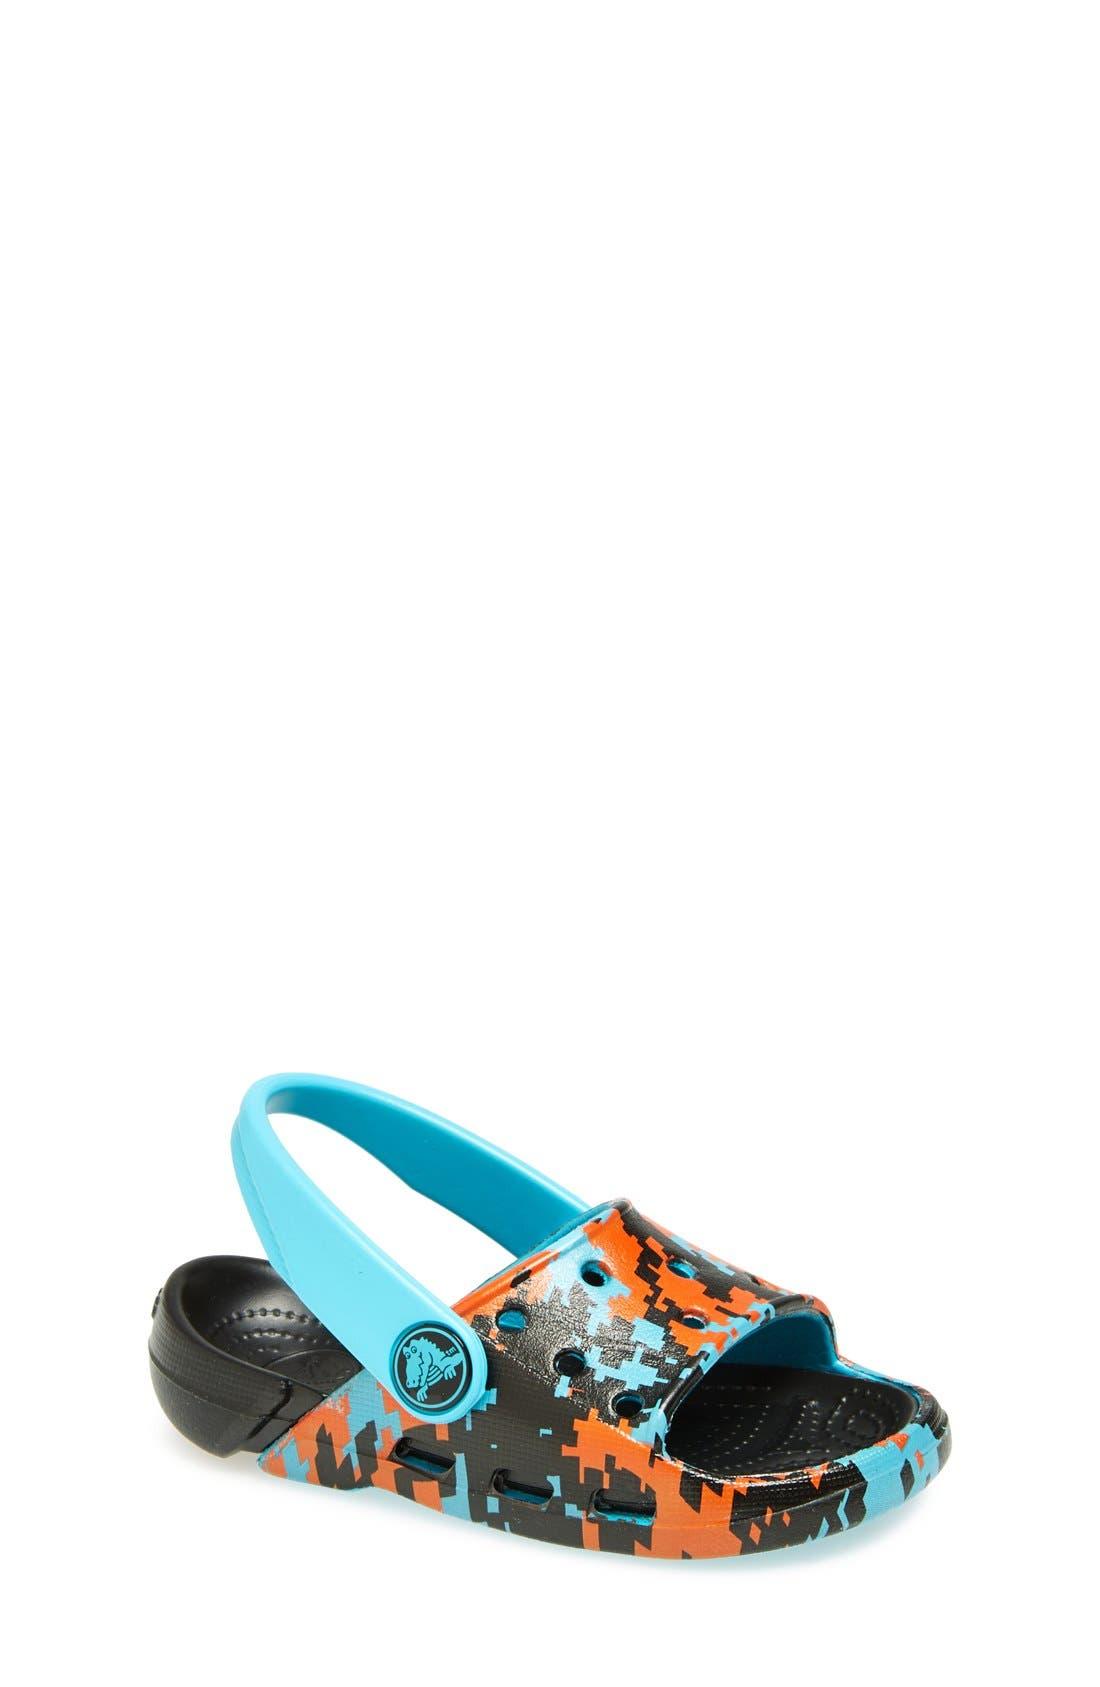 Main Image - CROCS™ 'Electro Slide - Digi Camo' Sandal (Walker, Toddler & Little Kid)